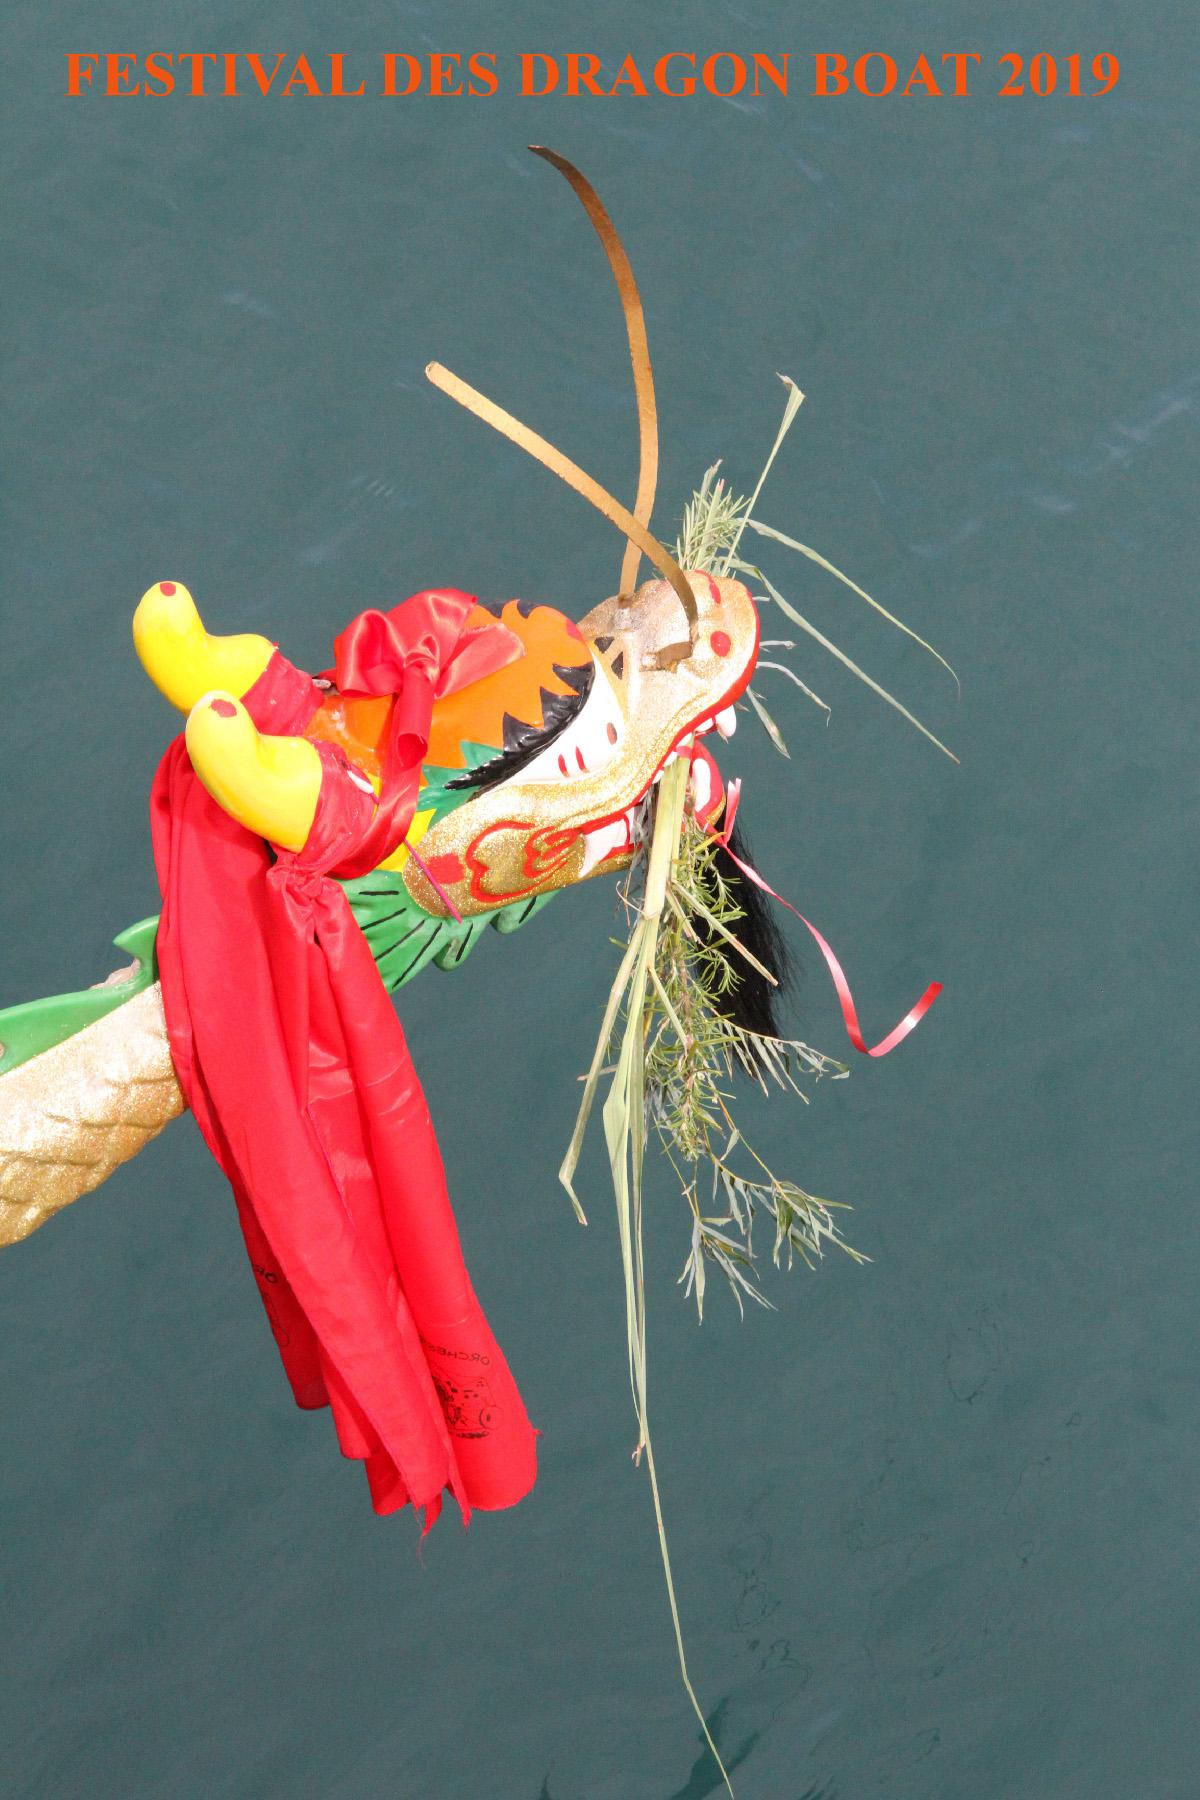 Un festival haut en couleurs proposé chaque année par l'Association Réunionnaise des Dragon Boat (ARDB)